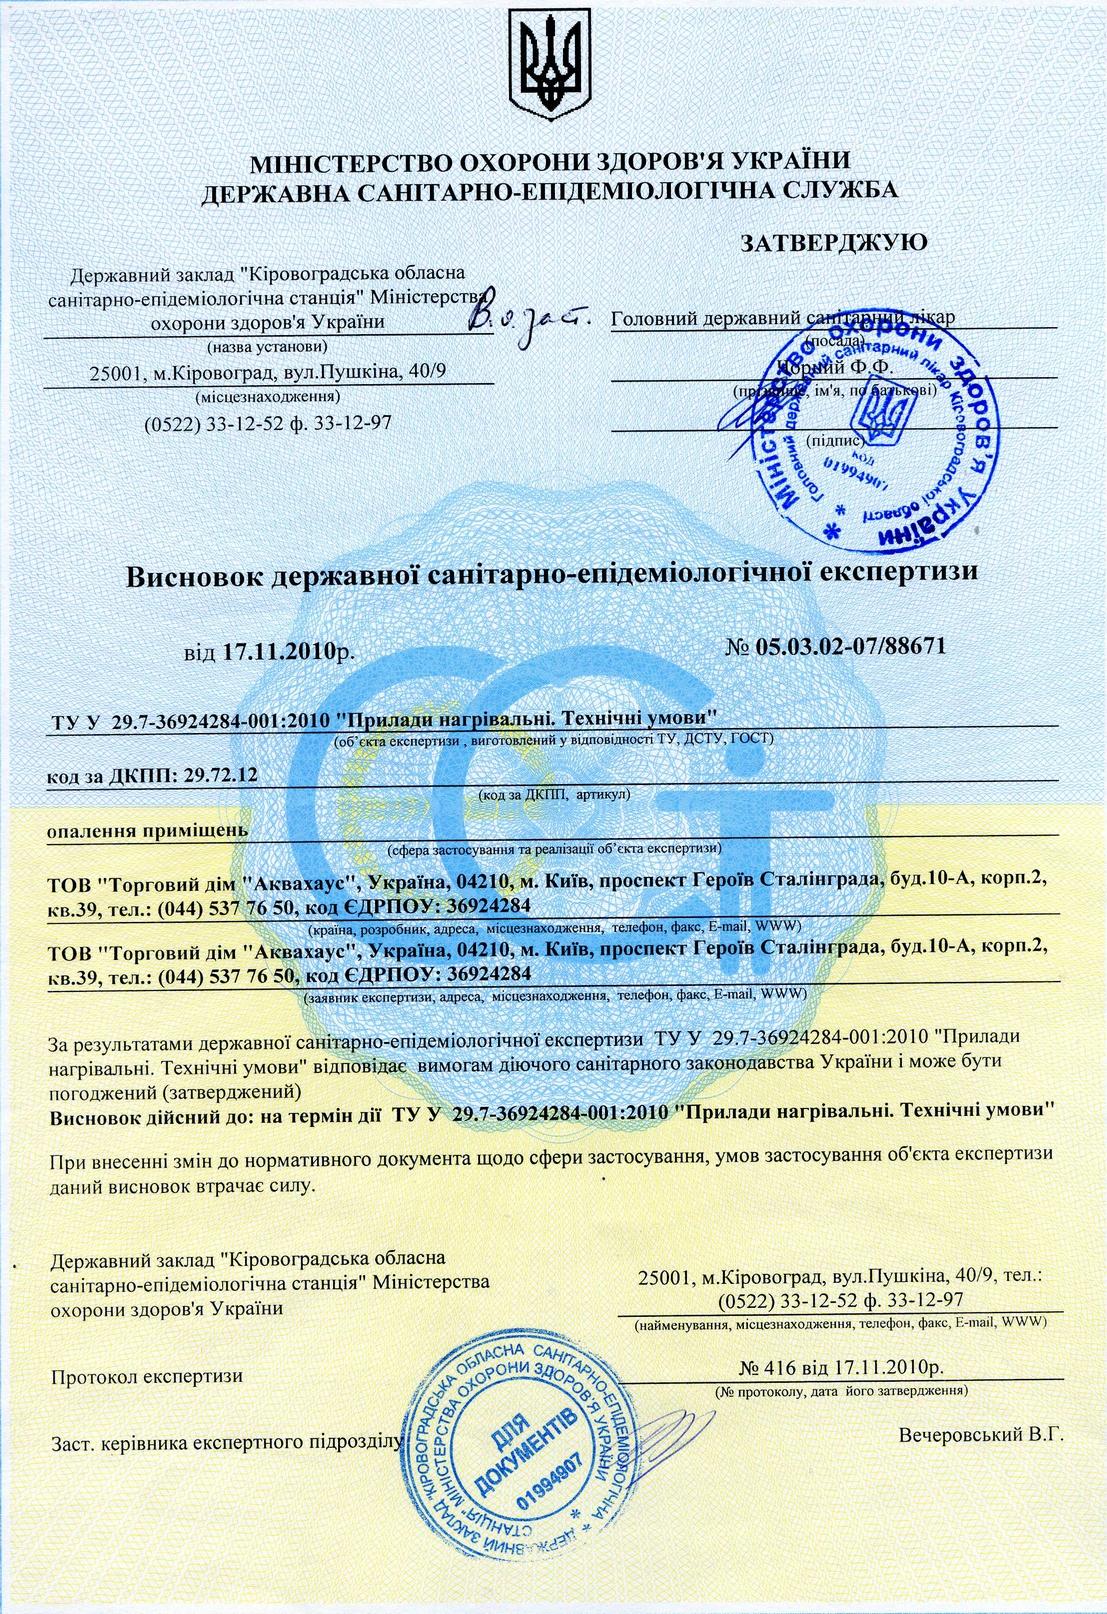 Сертификат охраны здоровья